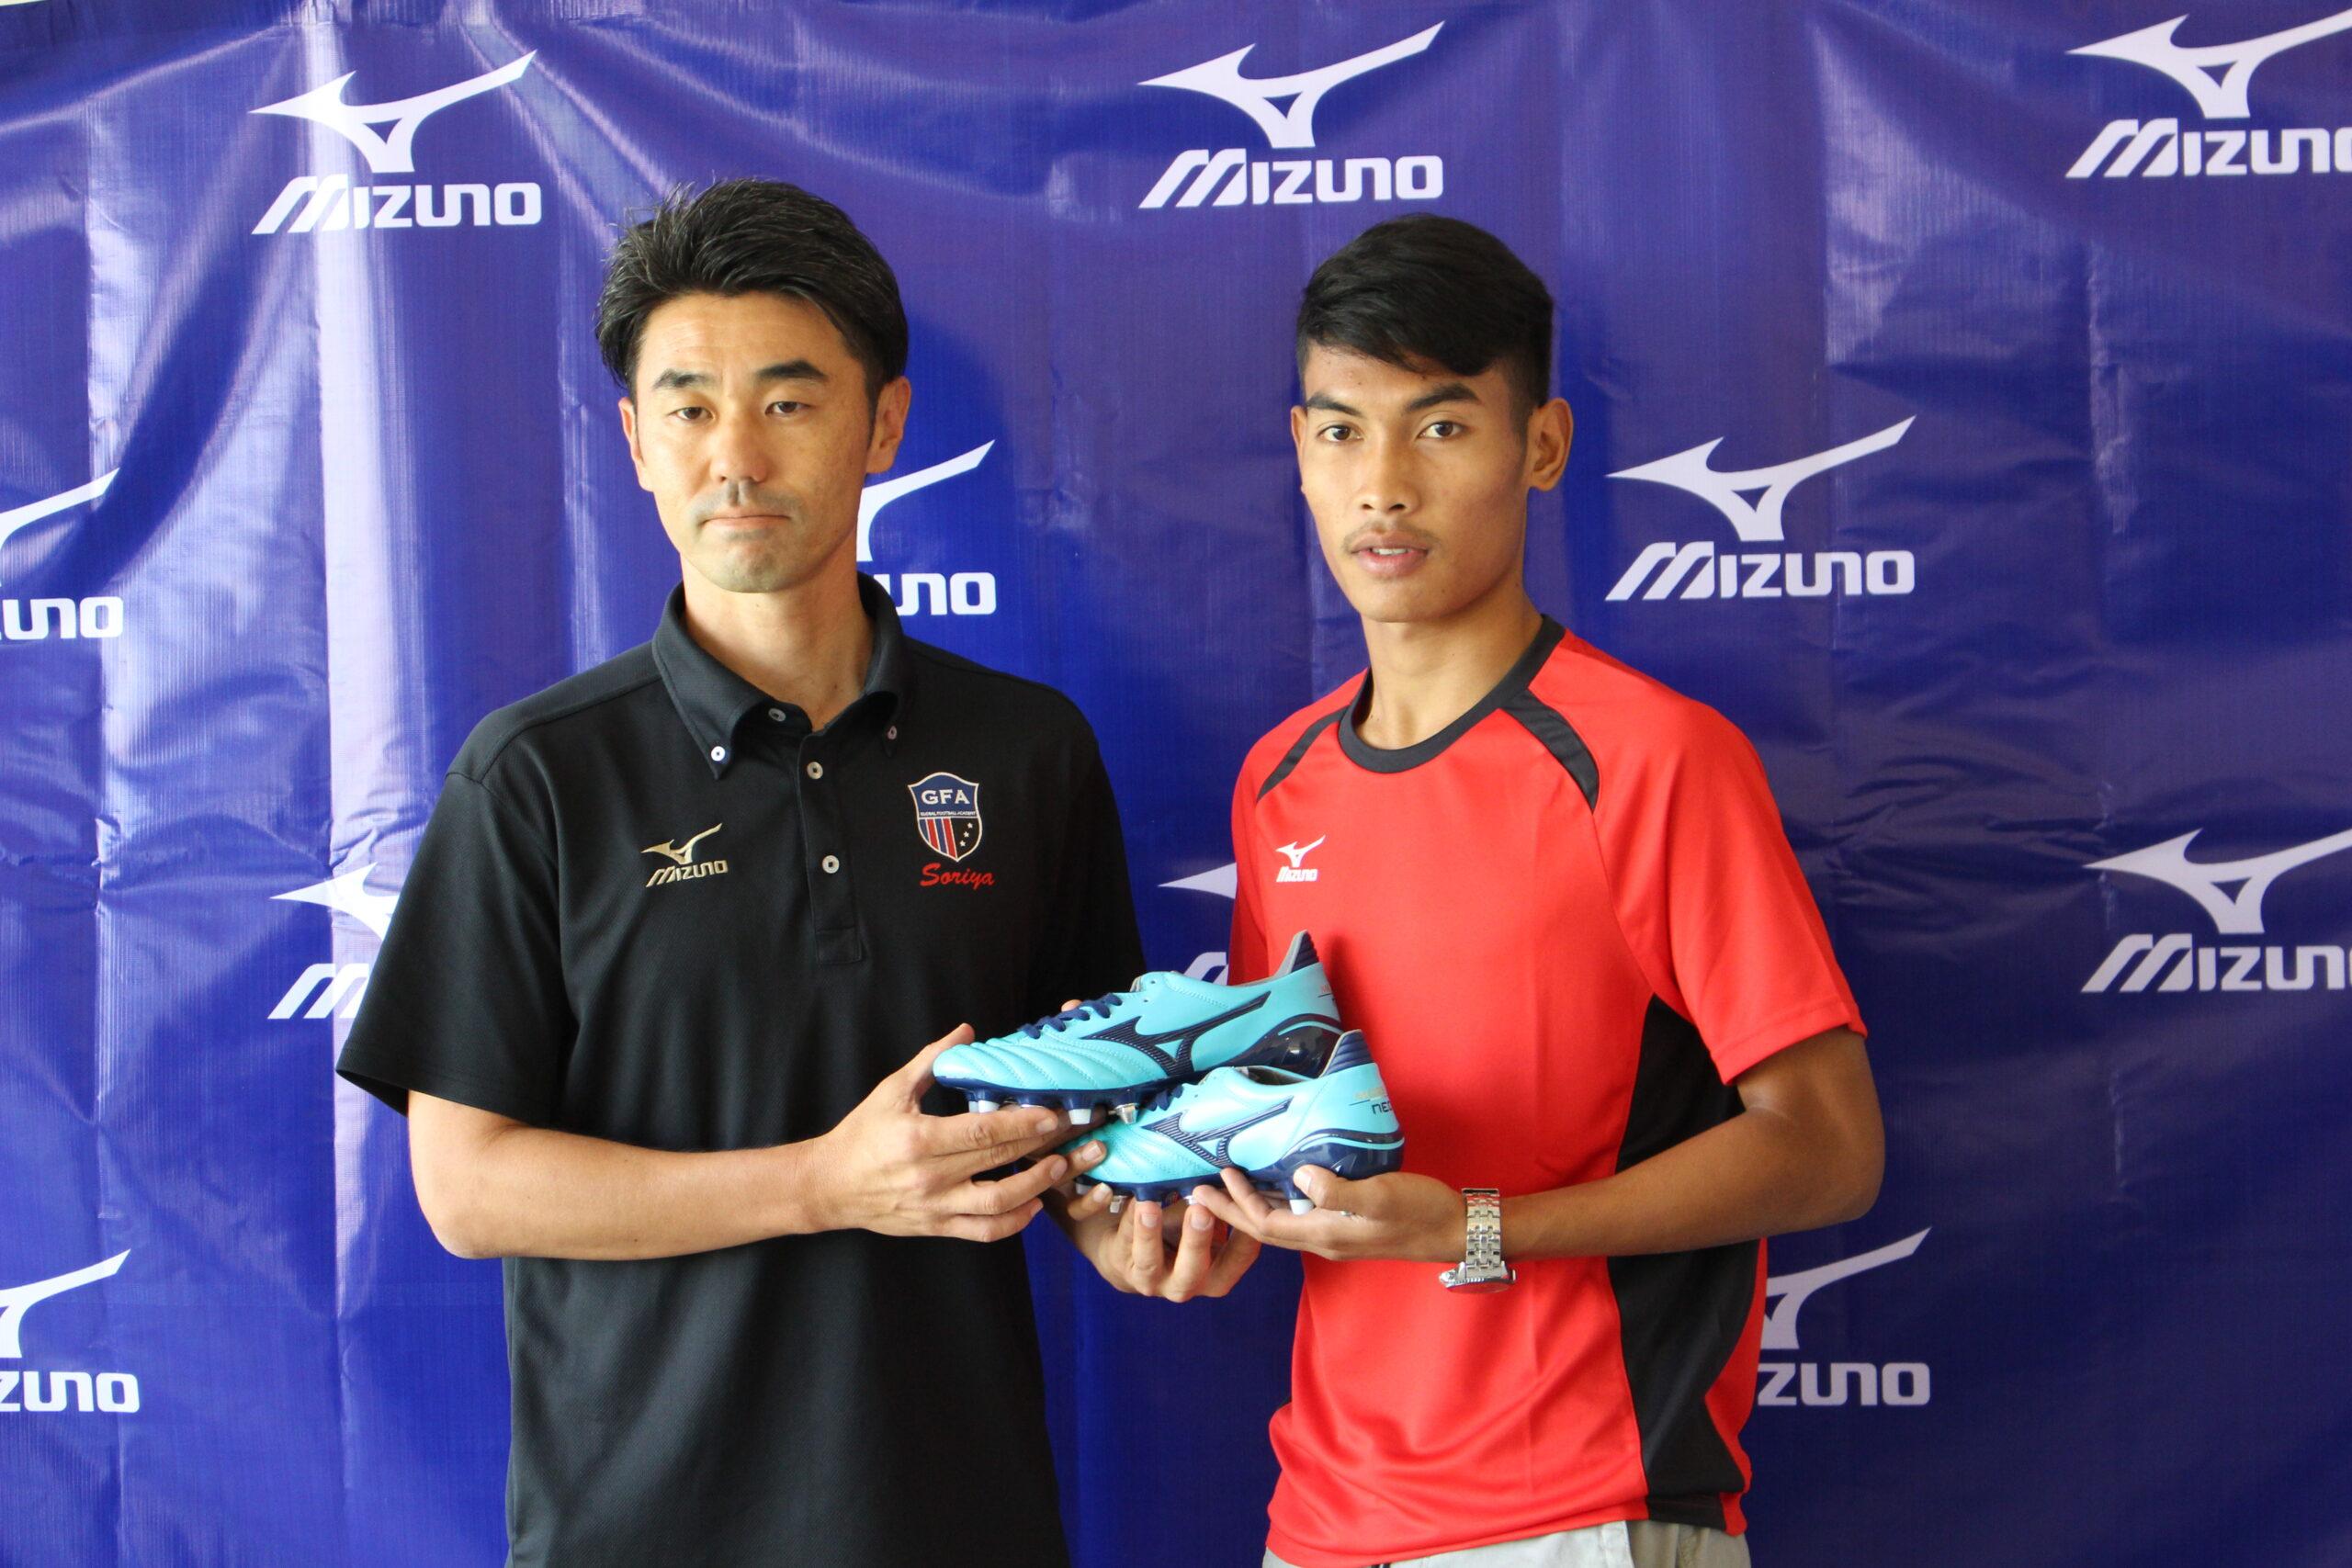 (日本語) スポーツブランド・MIZUNOがカンボジア人サッカー選手とスポンサー契約